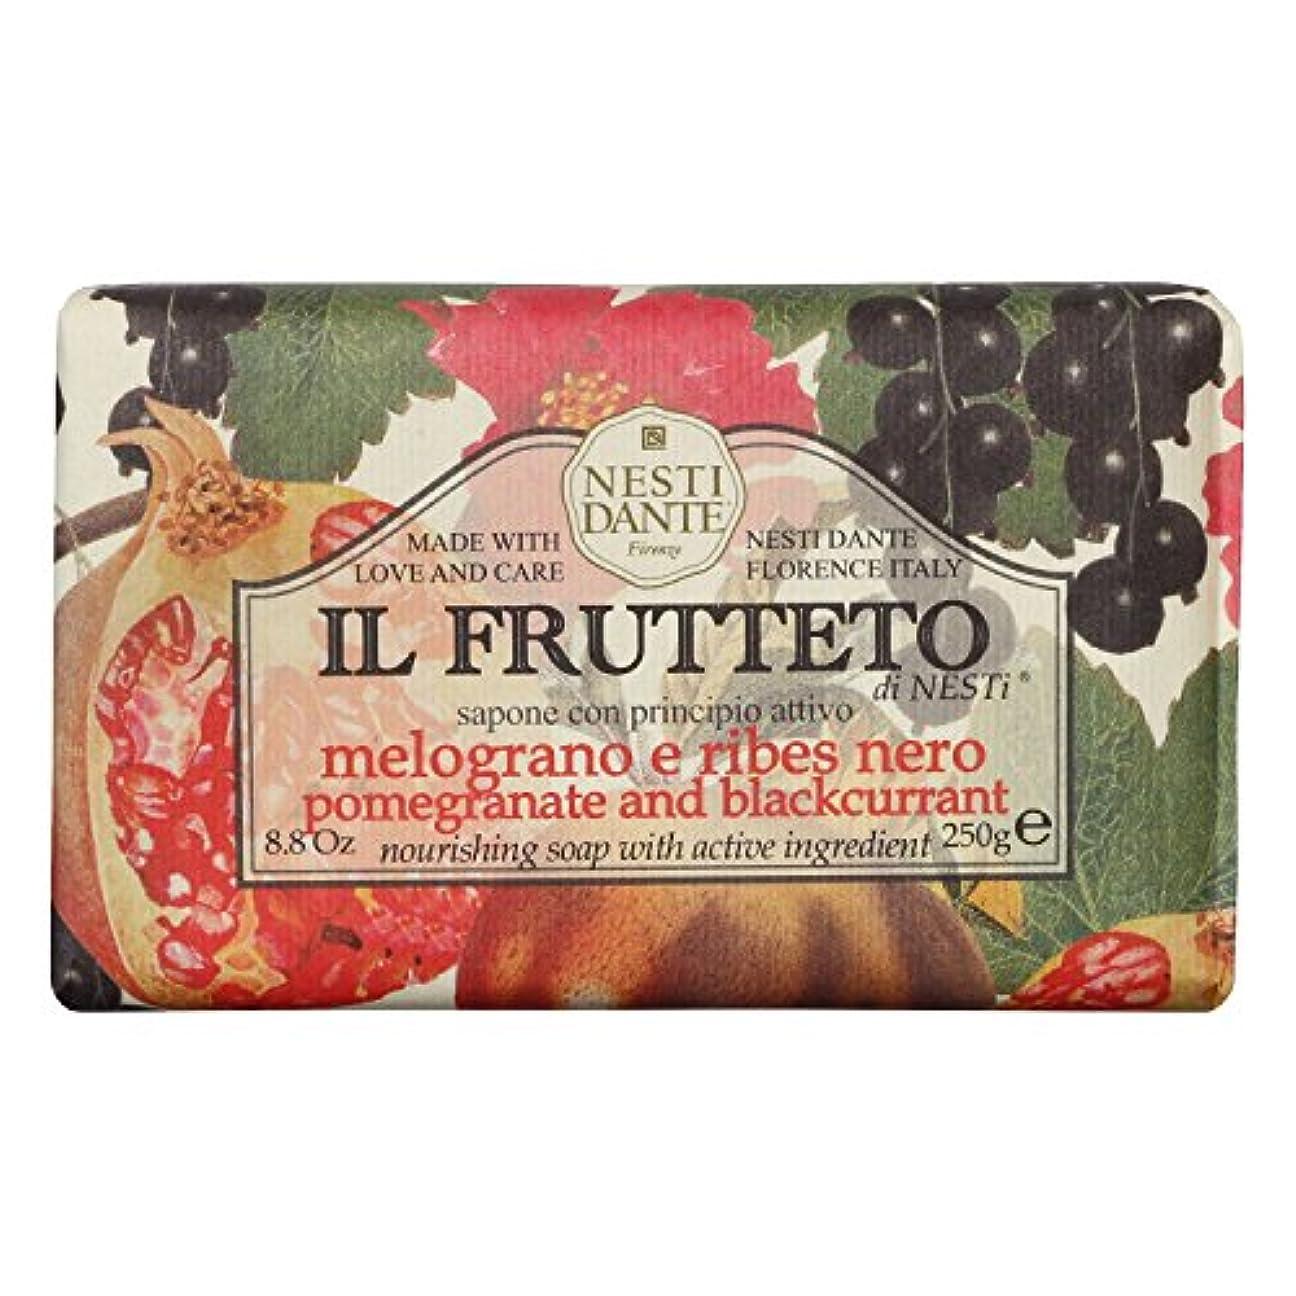 ピジン広告保存Nesti Dante ネスティダンテ フルッテートソープ ポメグラネート&ブラックカラント 250g